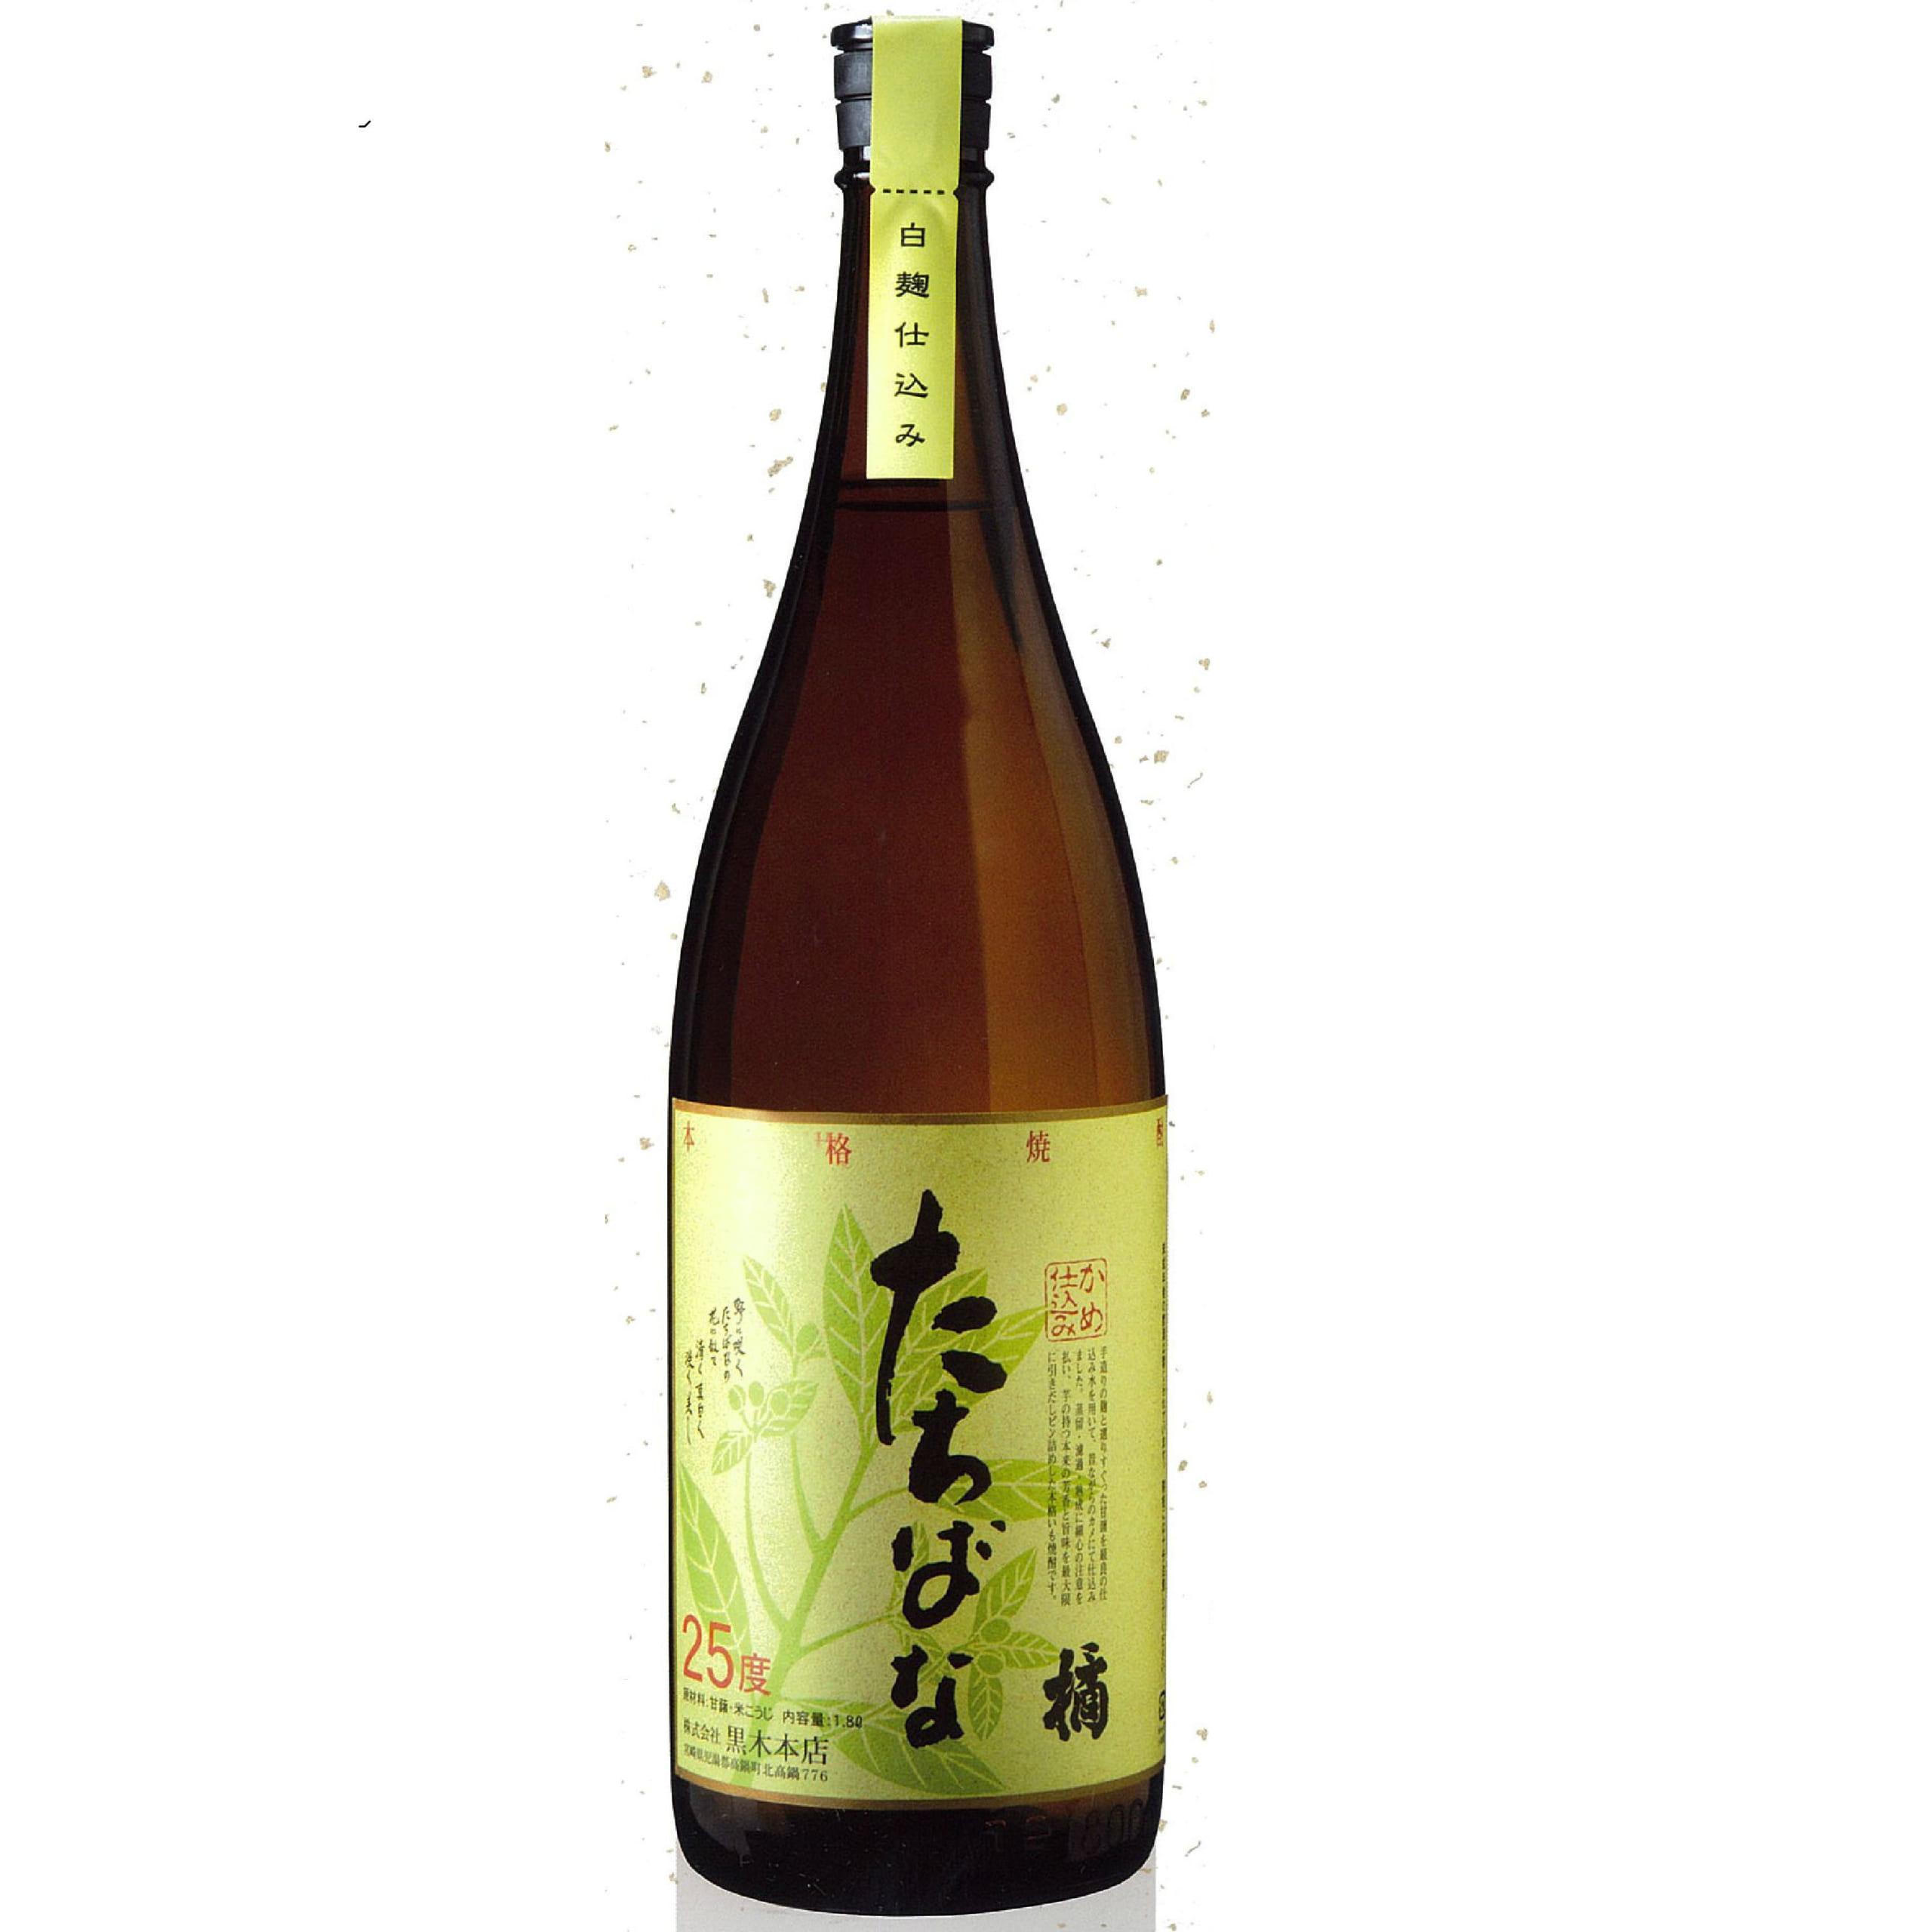 白麹の焼酎は、マイルドな香りと軽快な味わいが特徴